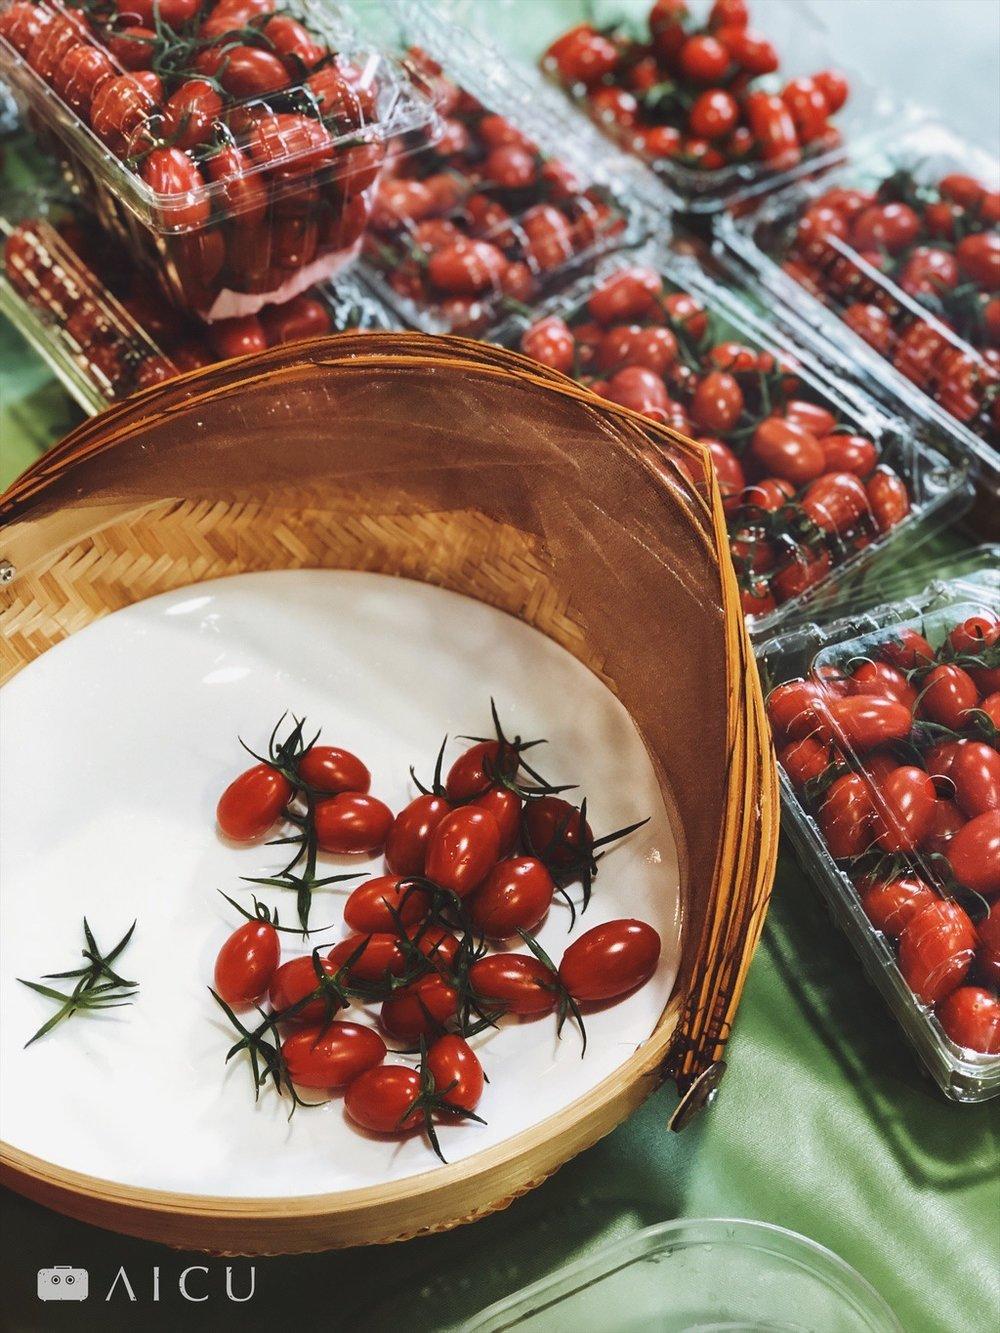 比如小番茄,現在這時節又多又划算,比較多家,並且記得名字和電話。